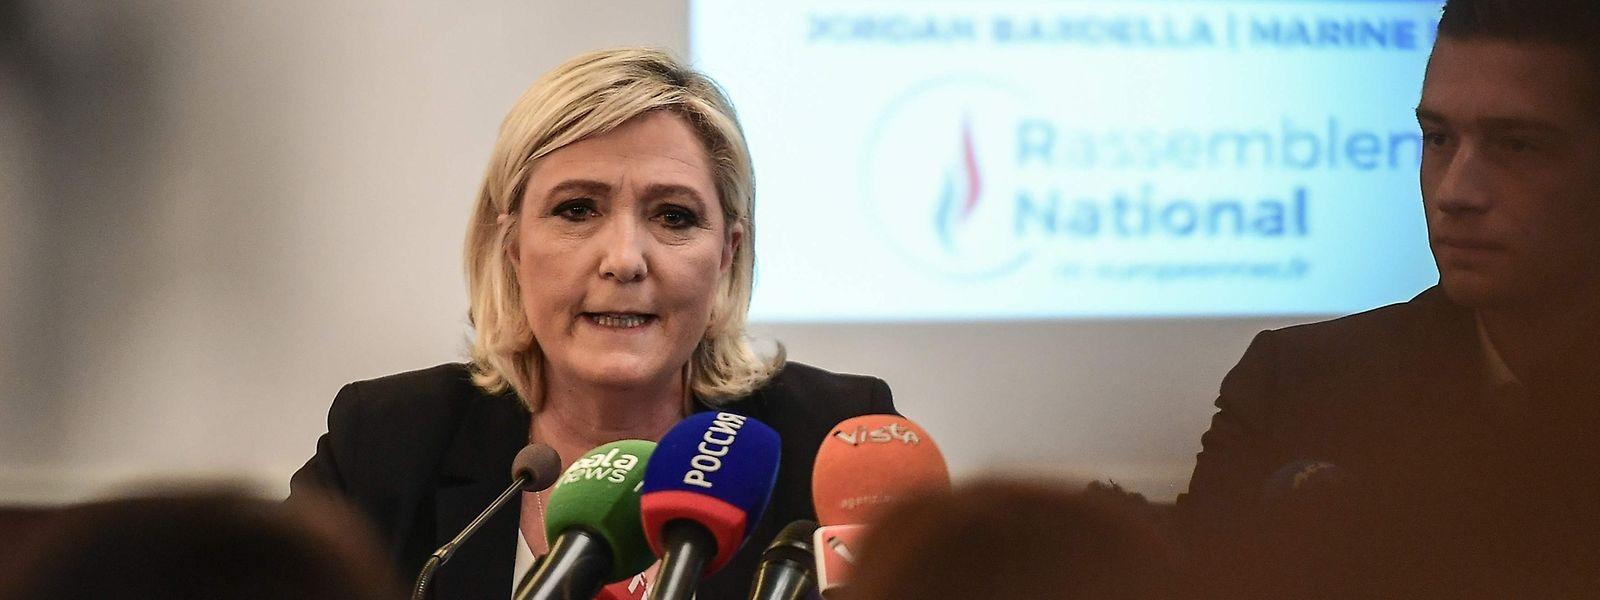 Marine Le Pen während der Pressekonferenz in Mailand.